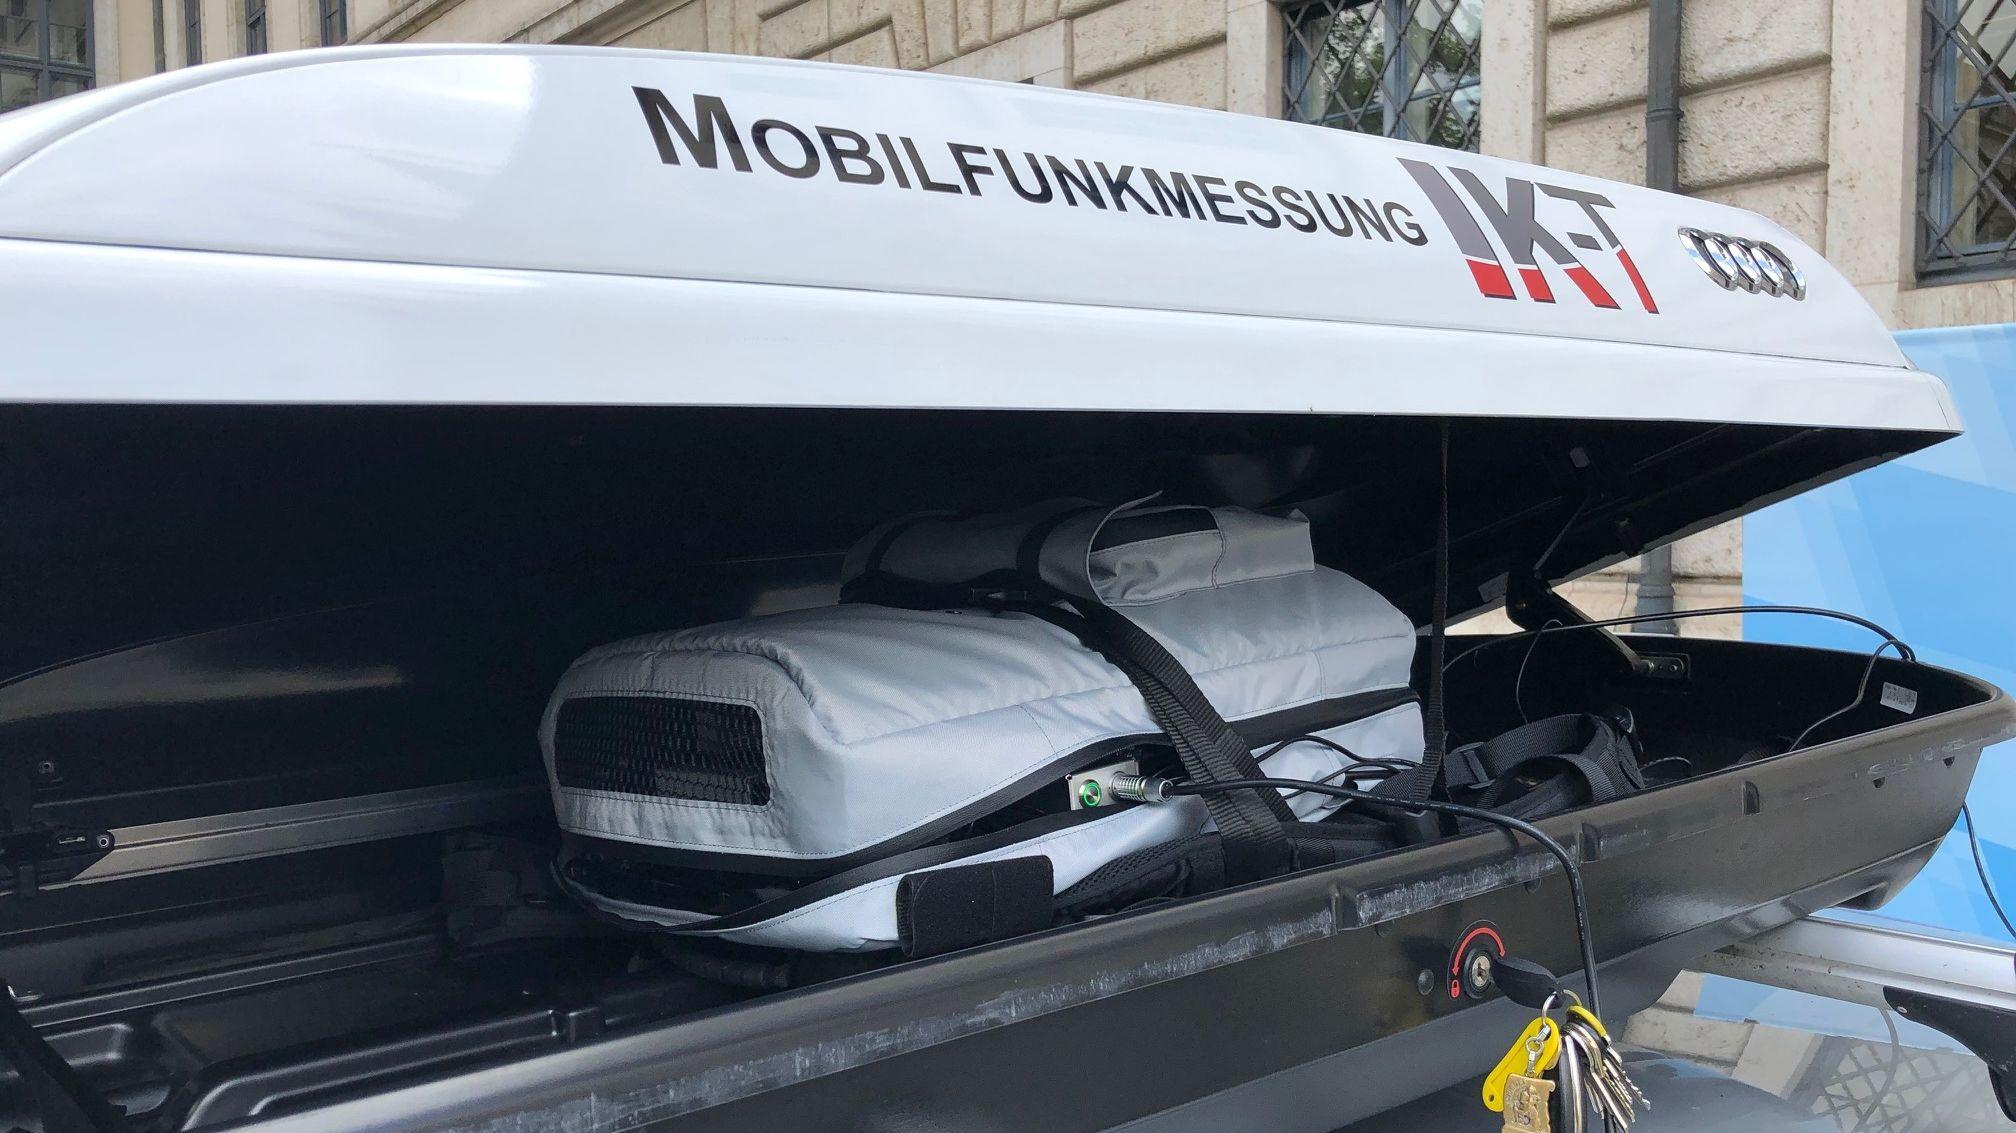 Die Dachbox ist vollgepackt mit Technik, um LTE-Funklöcher aufzuspüren